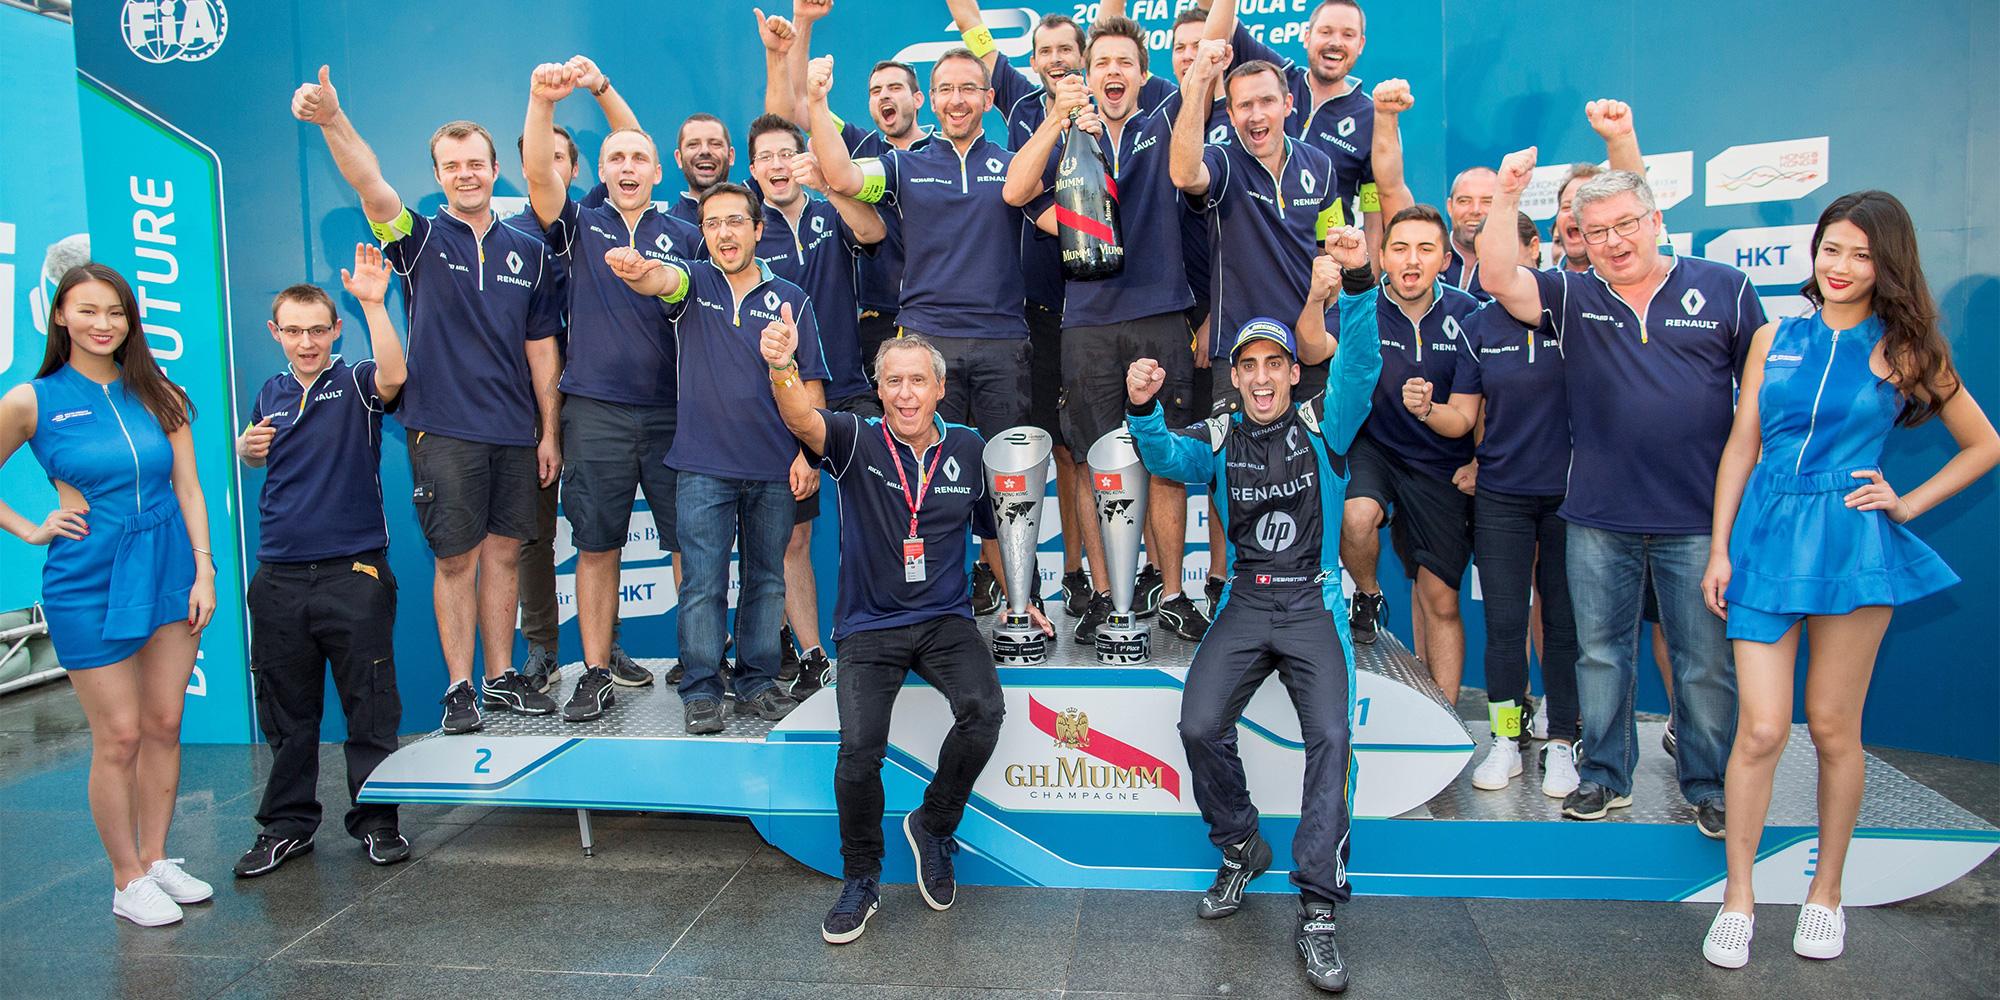 Traumstart für Renault e.dams in neue Saison